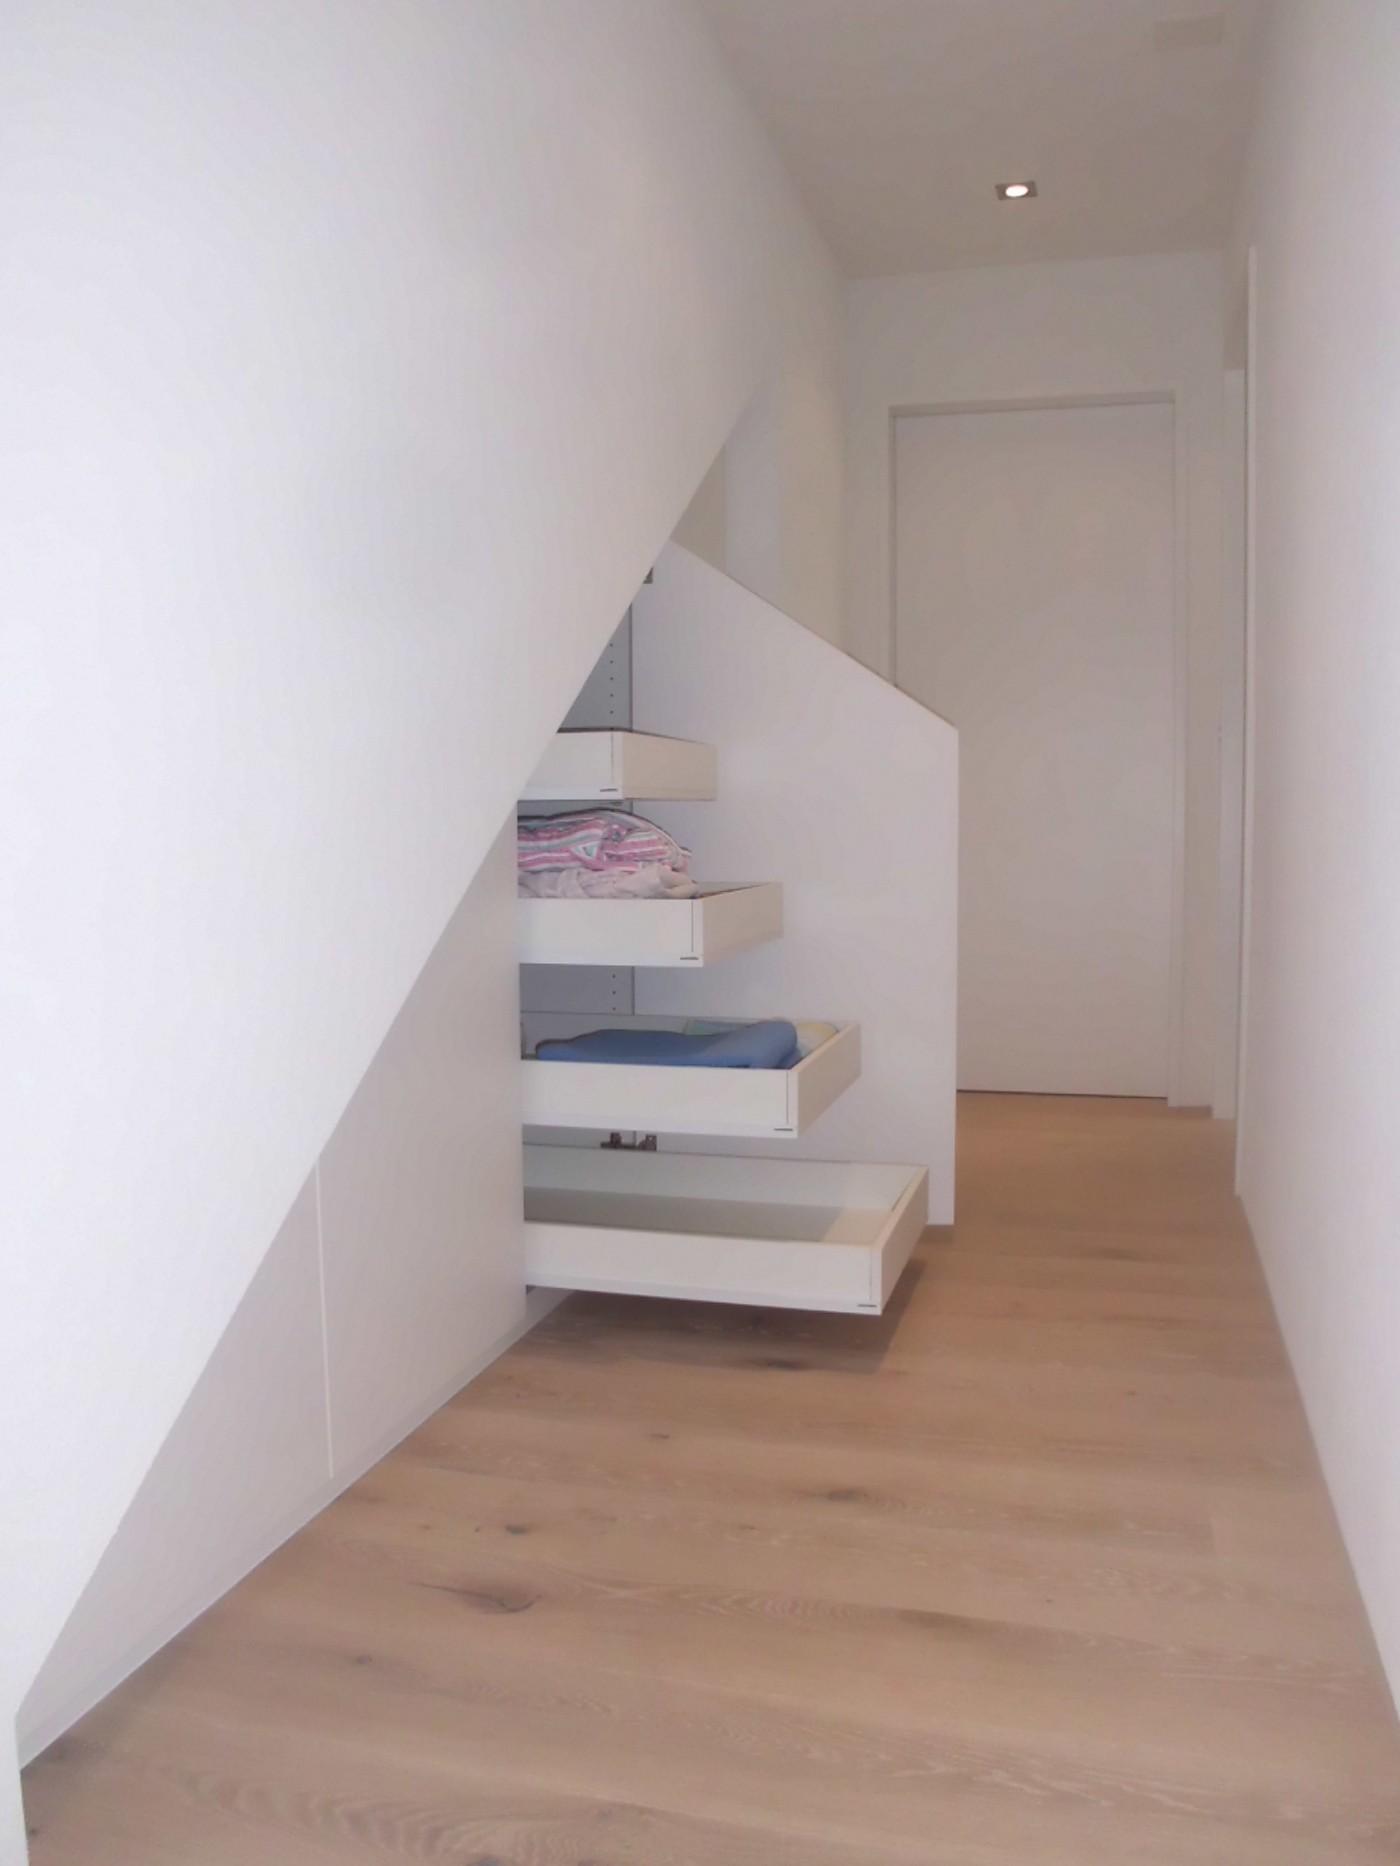 innen und aussen l scher knechtli ag. Black Bedroom Furniture Sets. Home Design Ideas